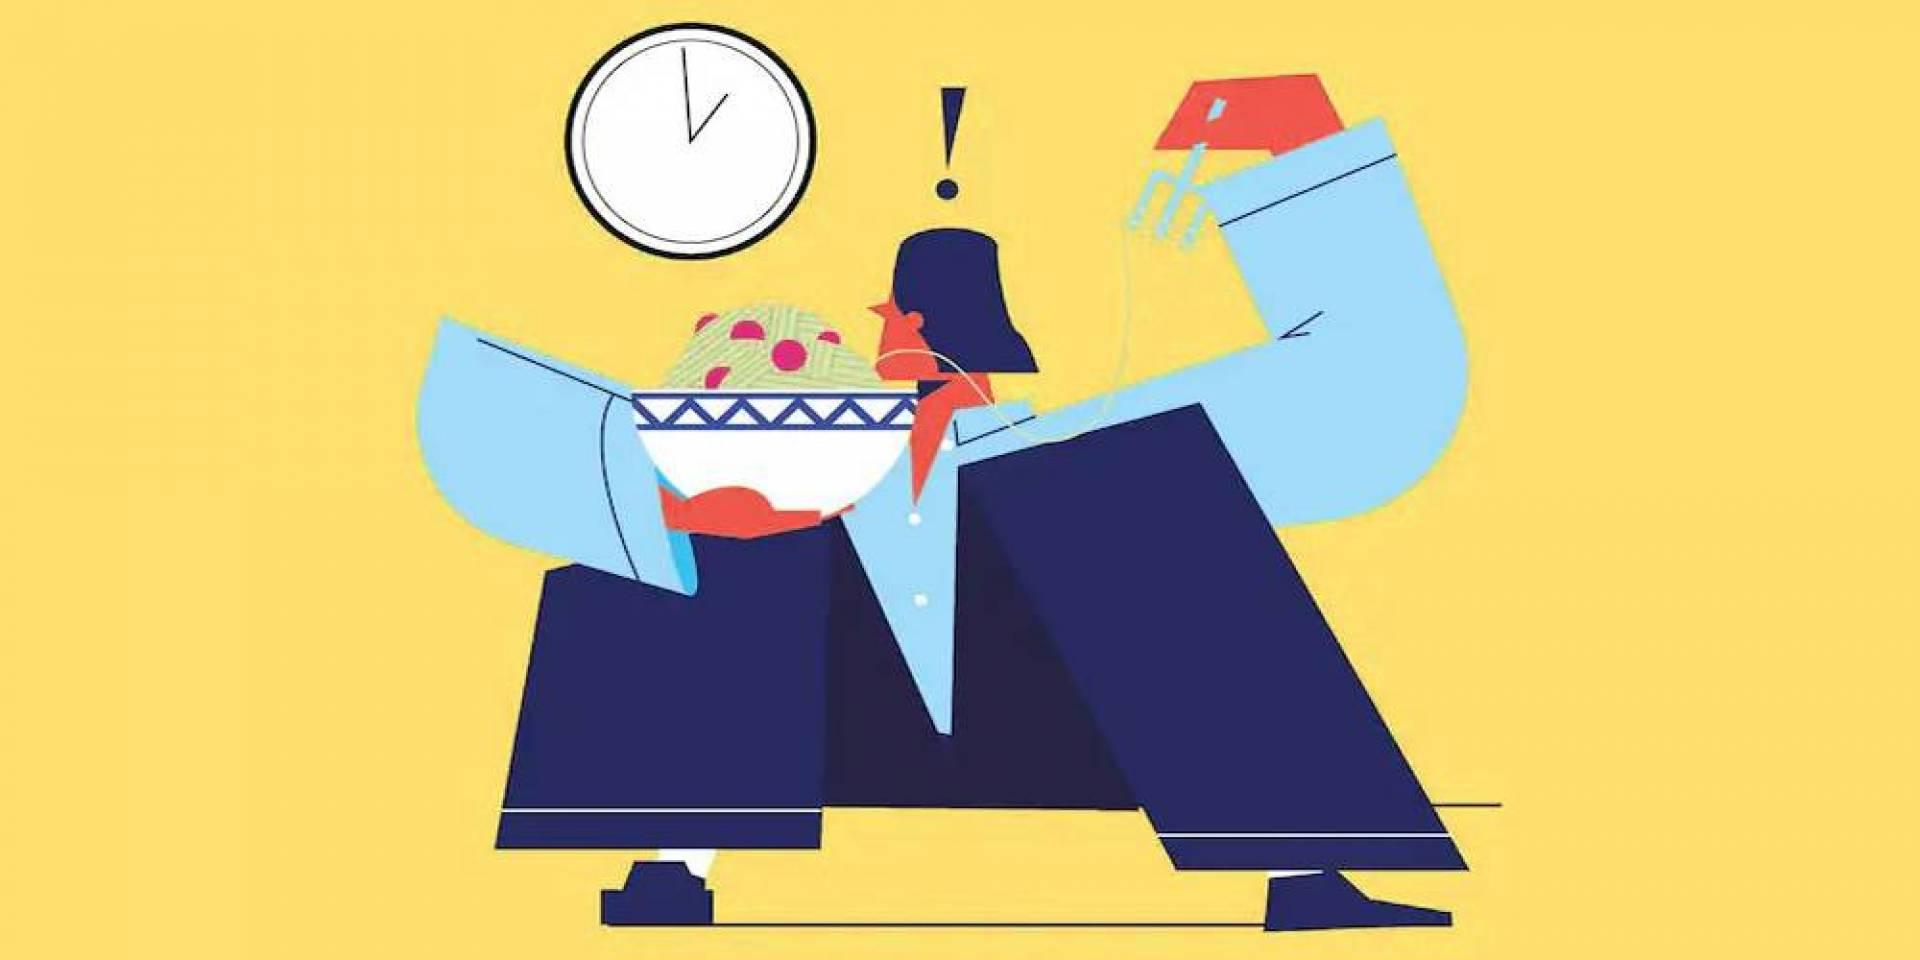 فكرة جديدة لإنقاص الوزن: غَيّر توقيت أكلك